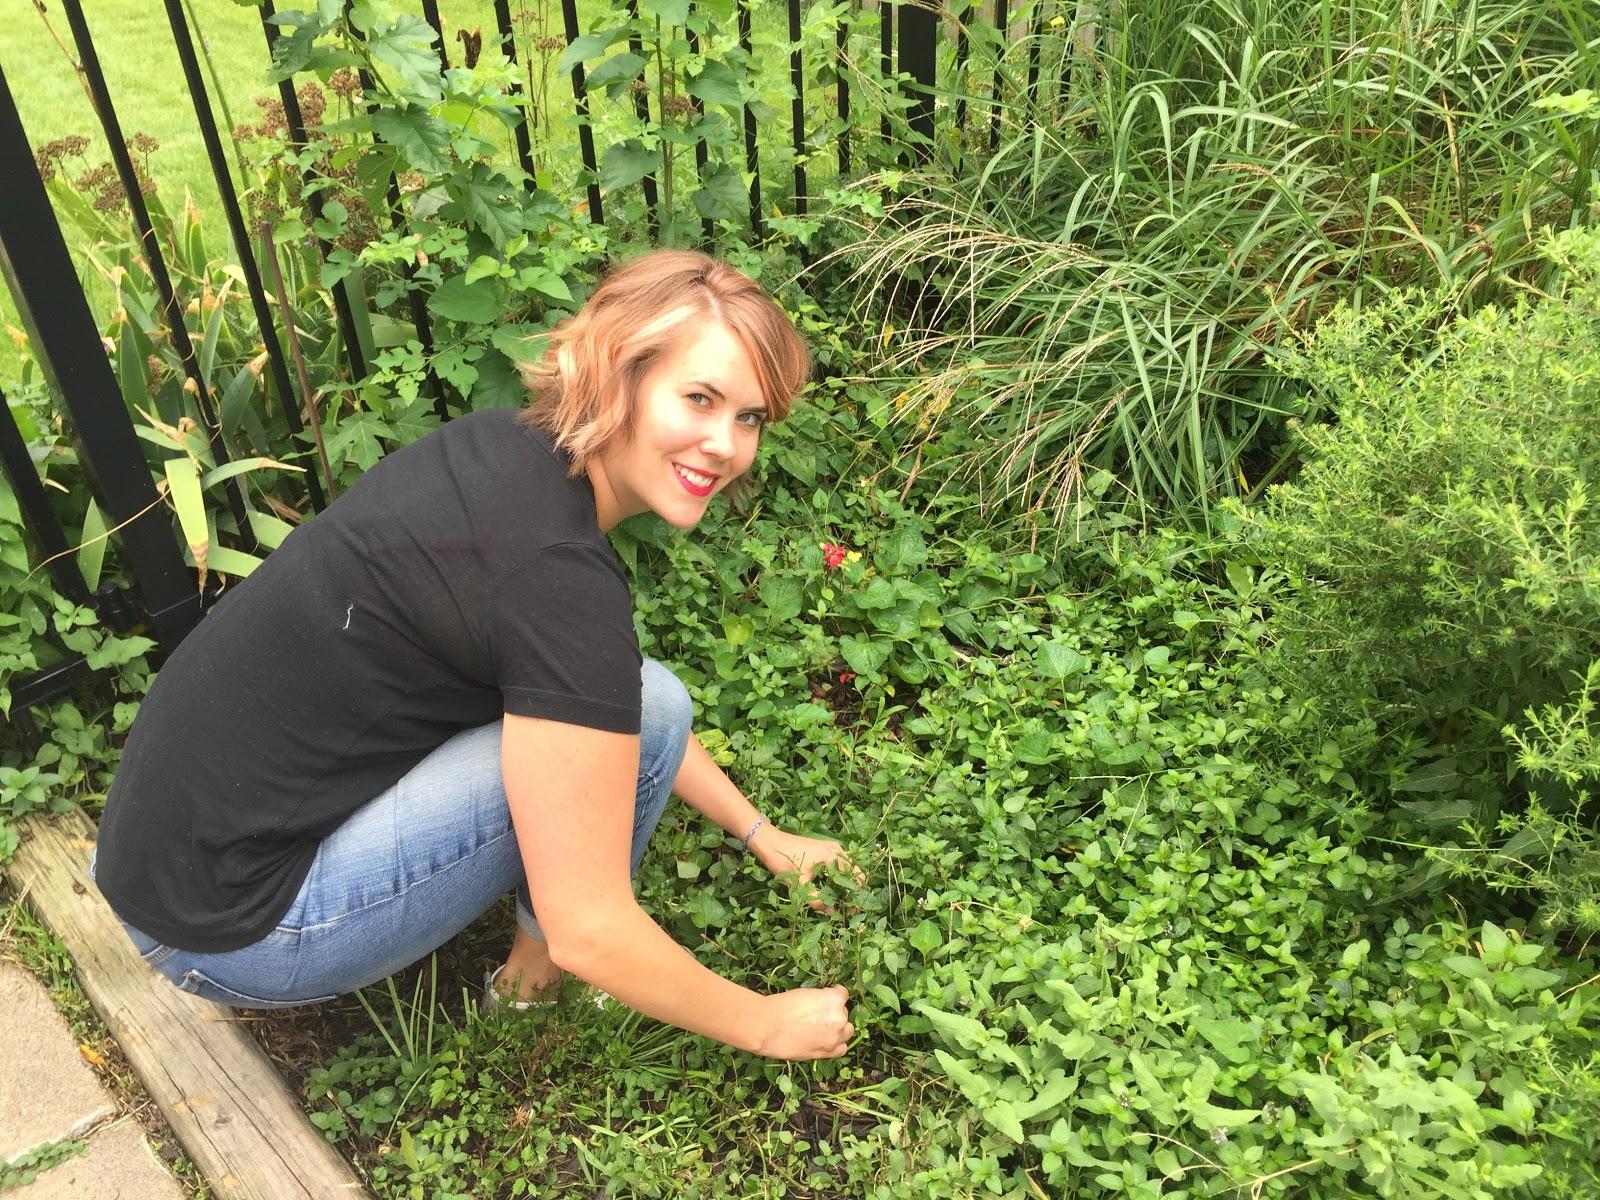 Chelsey Erpelding in her garden.